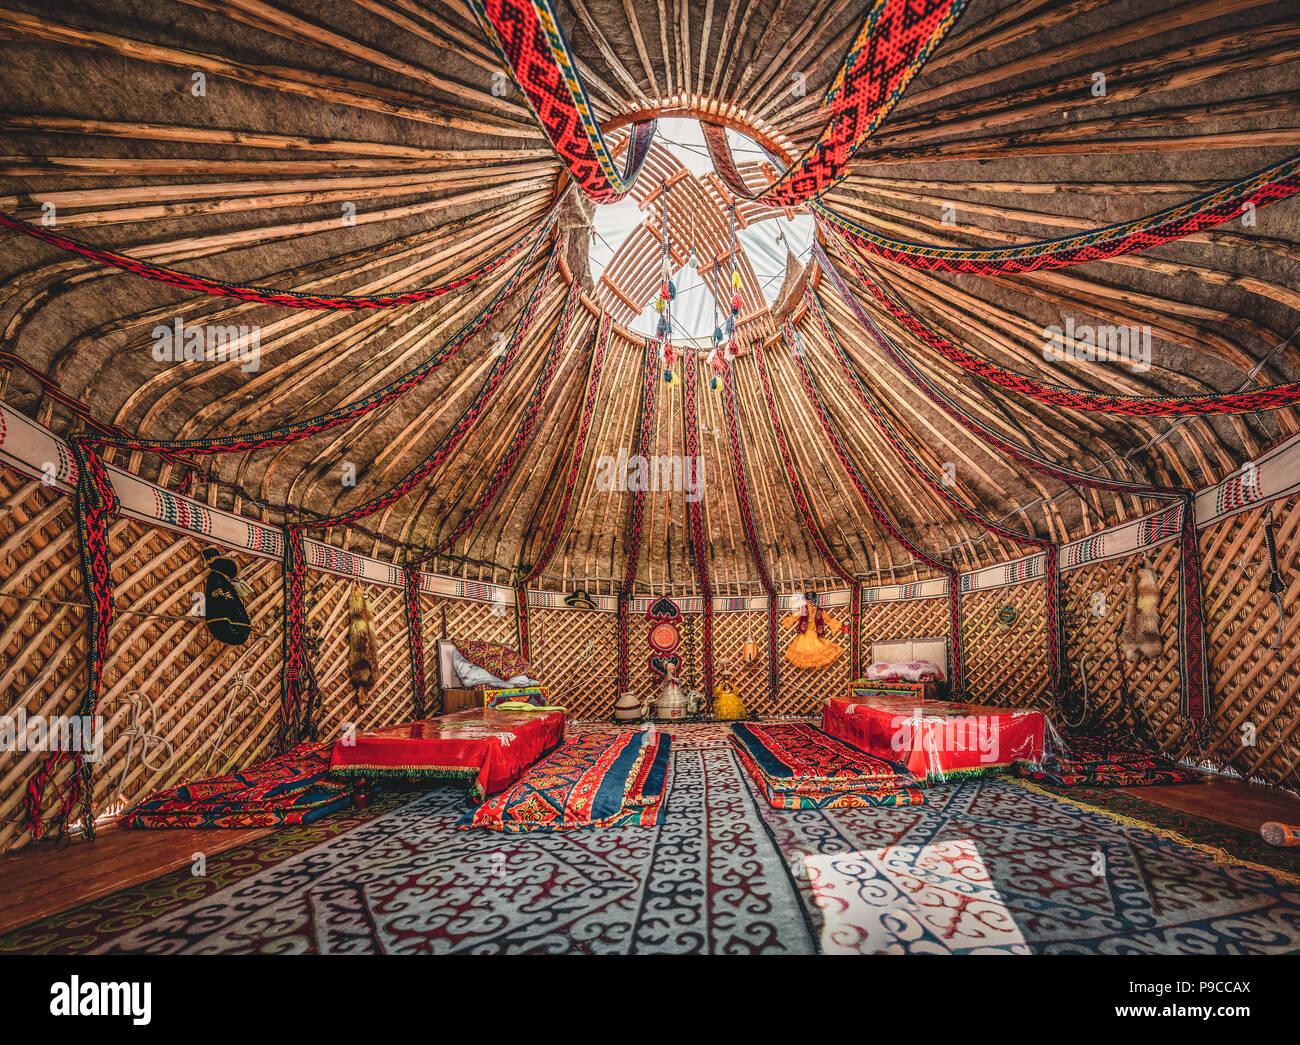 Nationale traditionelle Dekoration der Jurte Decke. Die kasachische Ornament. Vintage Weberei von Mustern. Jurte Dekoration. Holzrahmen mit Mustern als eine ethnische Hintergrund, Goldene Horde, Kasachstan. Stockbild